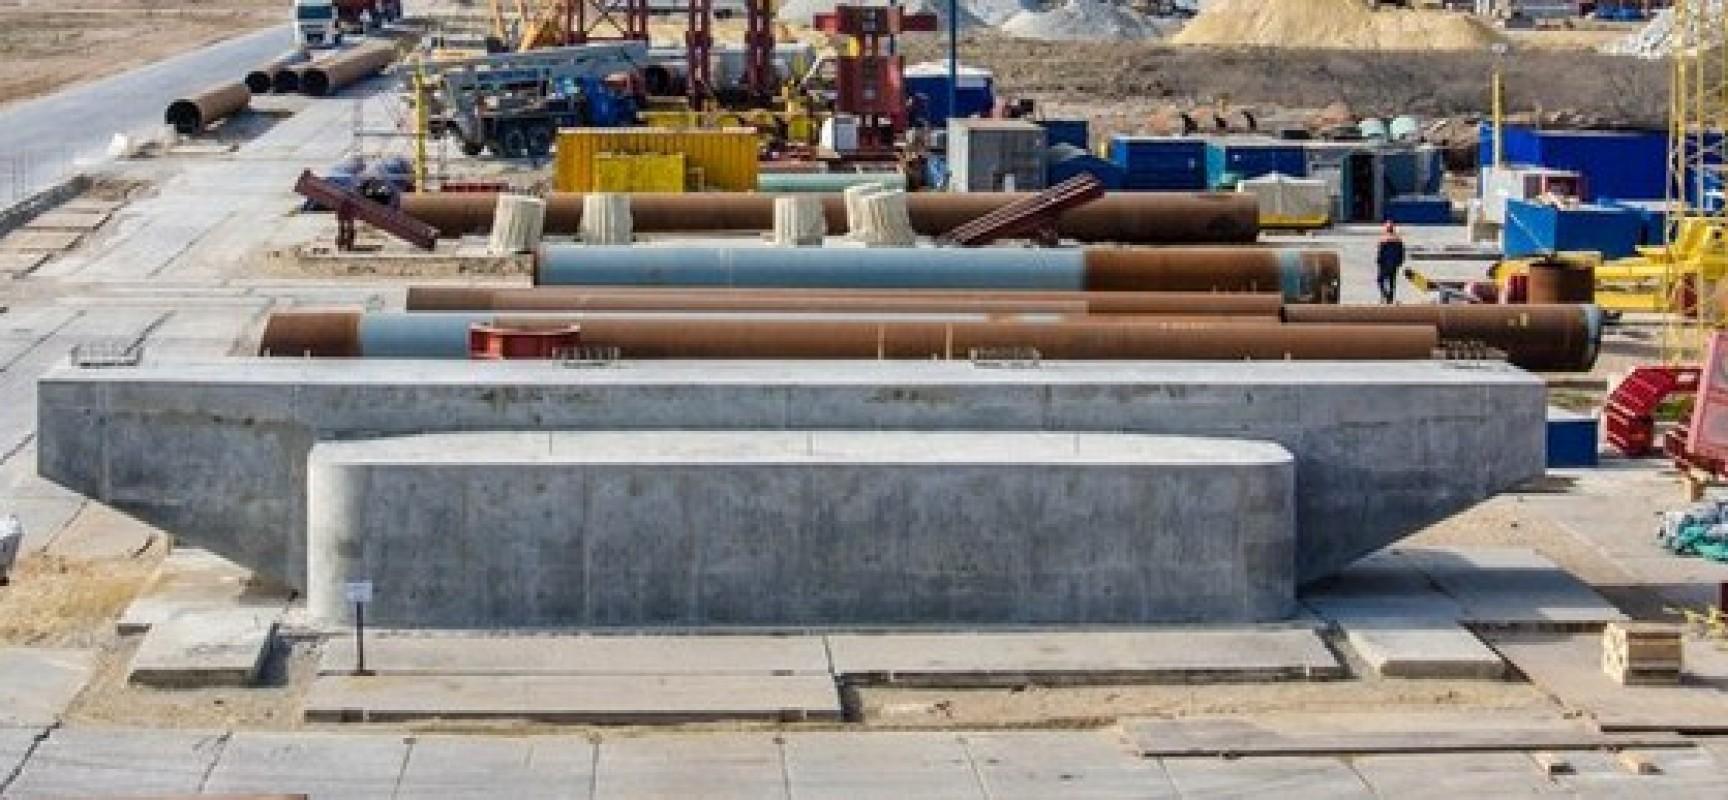 На Тузле возведена первая опора моста через Керченский пролив – опора № 173 под автомобильную трассу